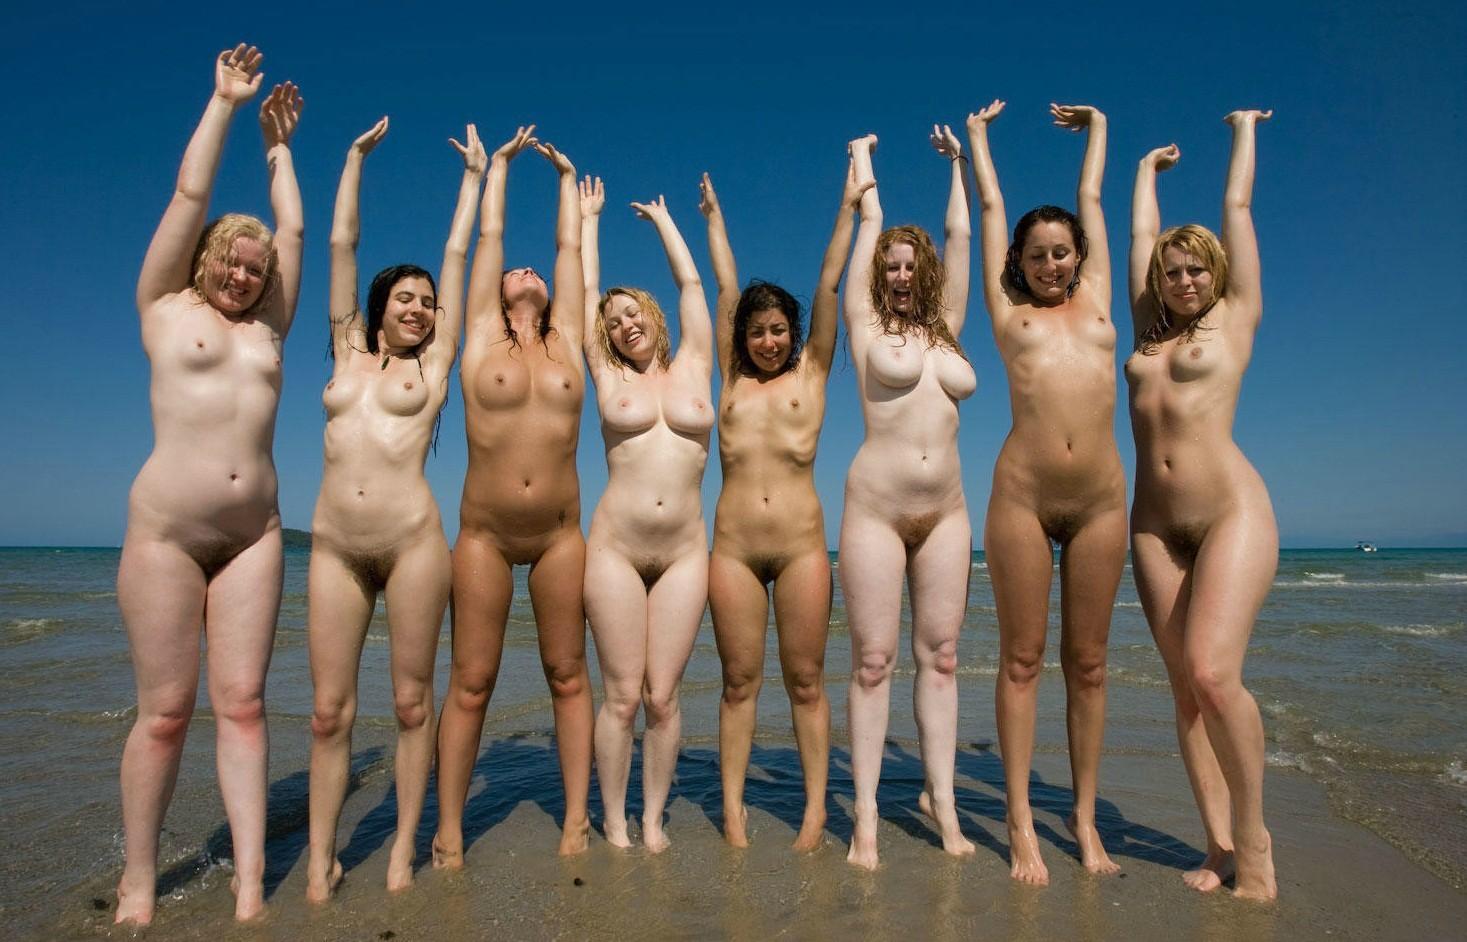 Обнаженные Женщины Видео Смотреть Онлайн Бесплатно